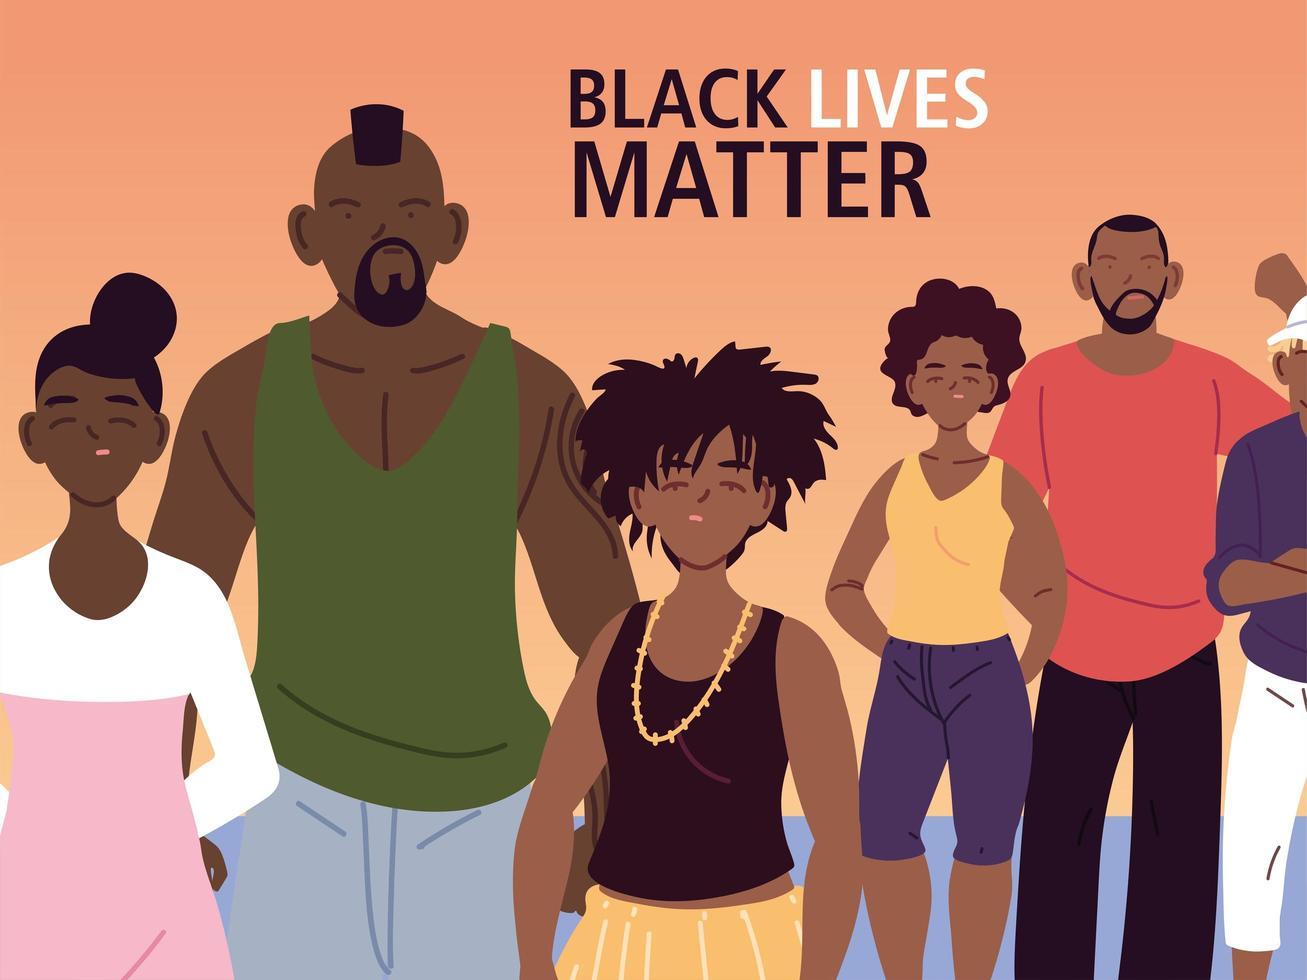 Schwarzes Leben ist wichtig für Familien vektor